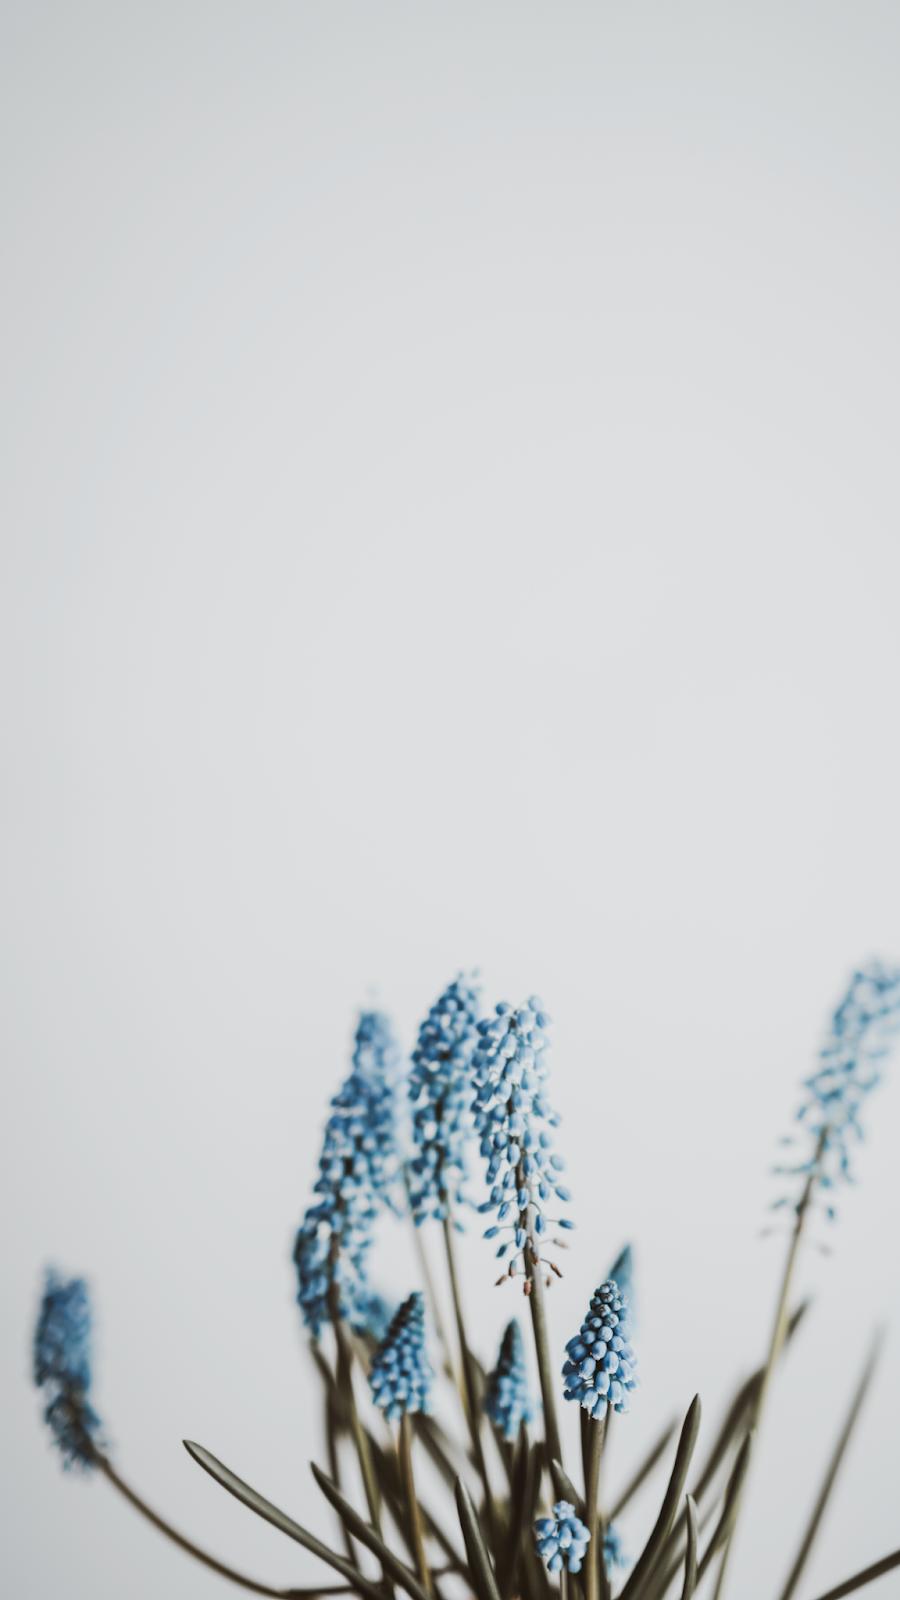 Imagem minimalista com flores azuis